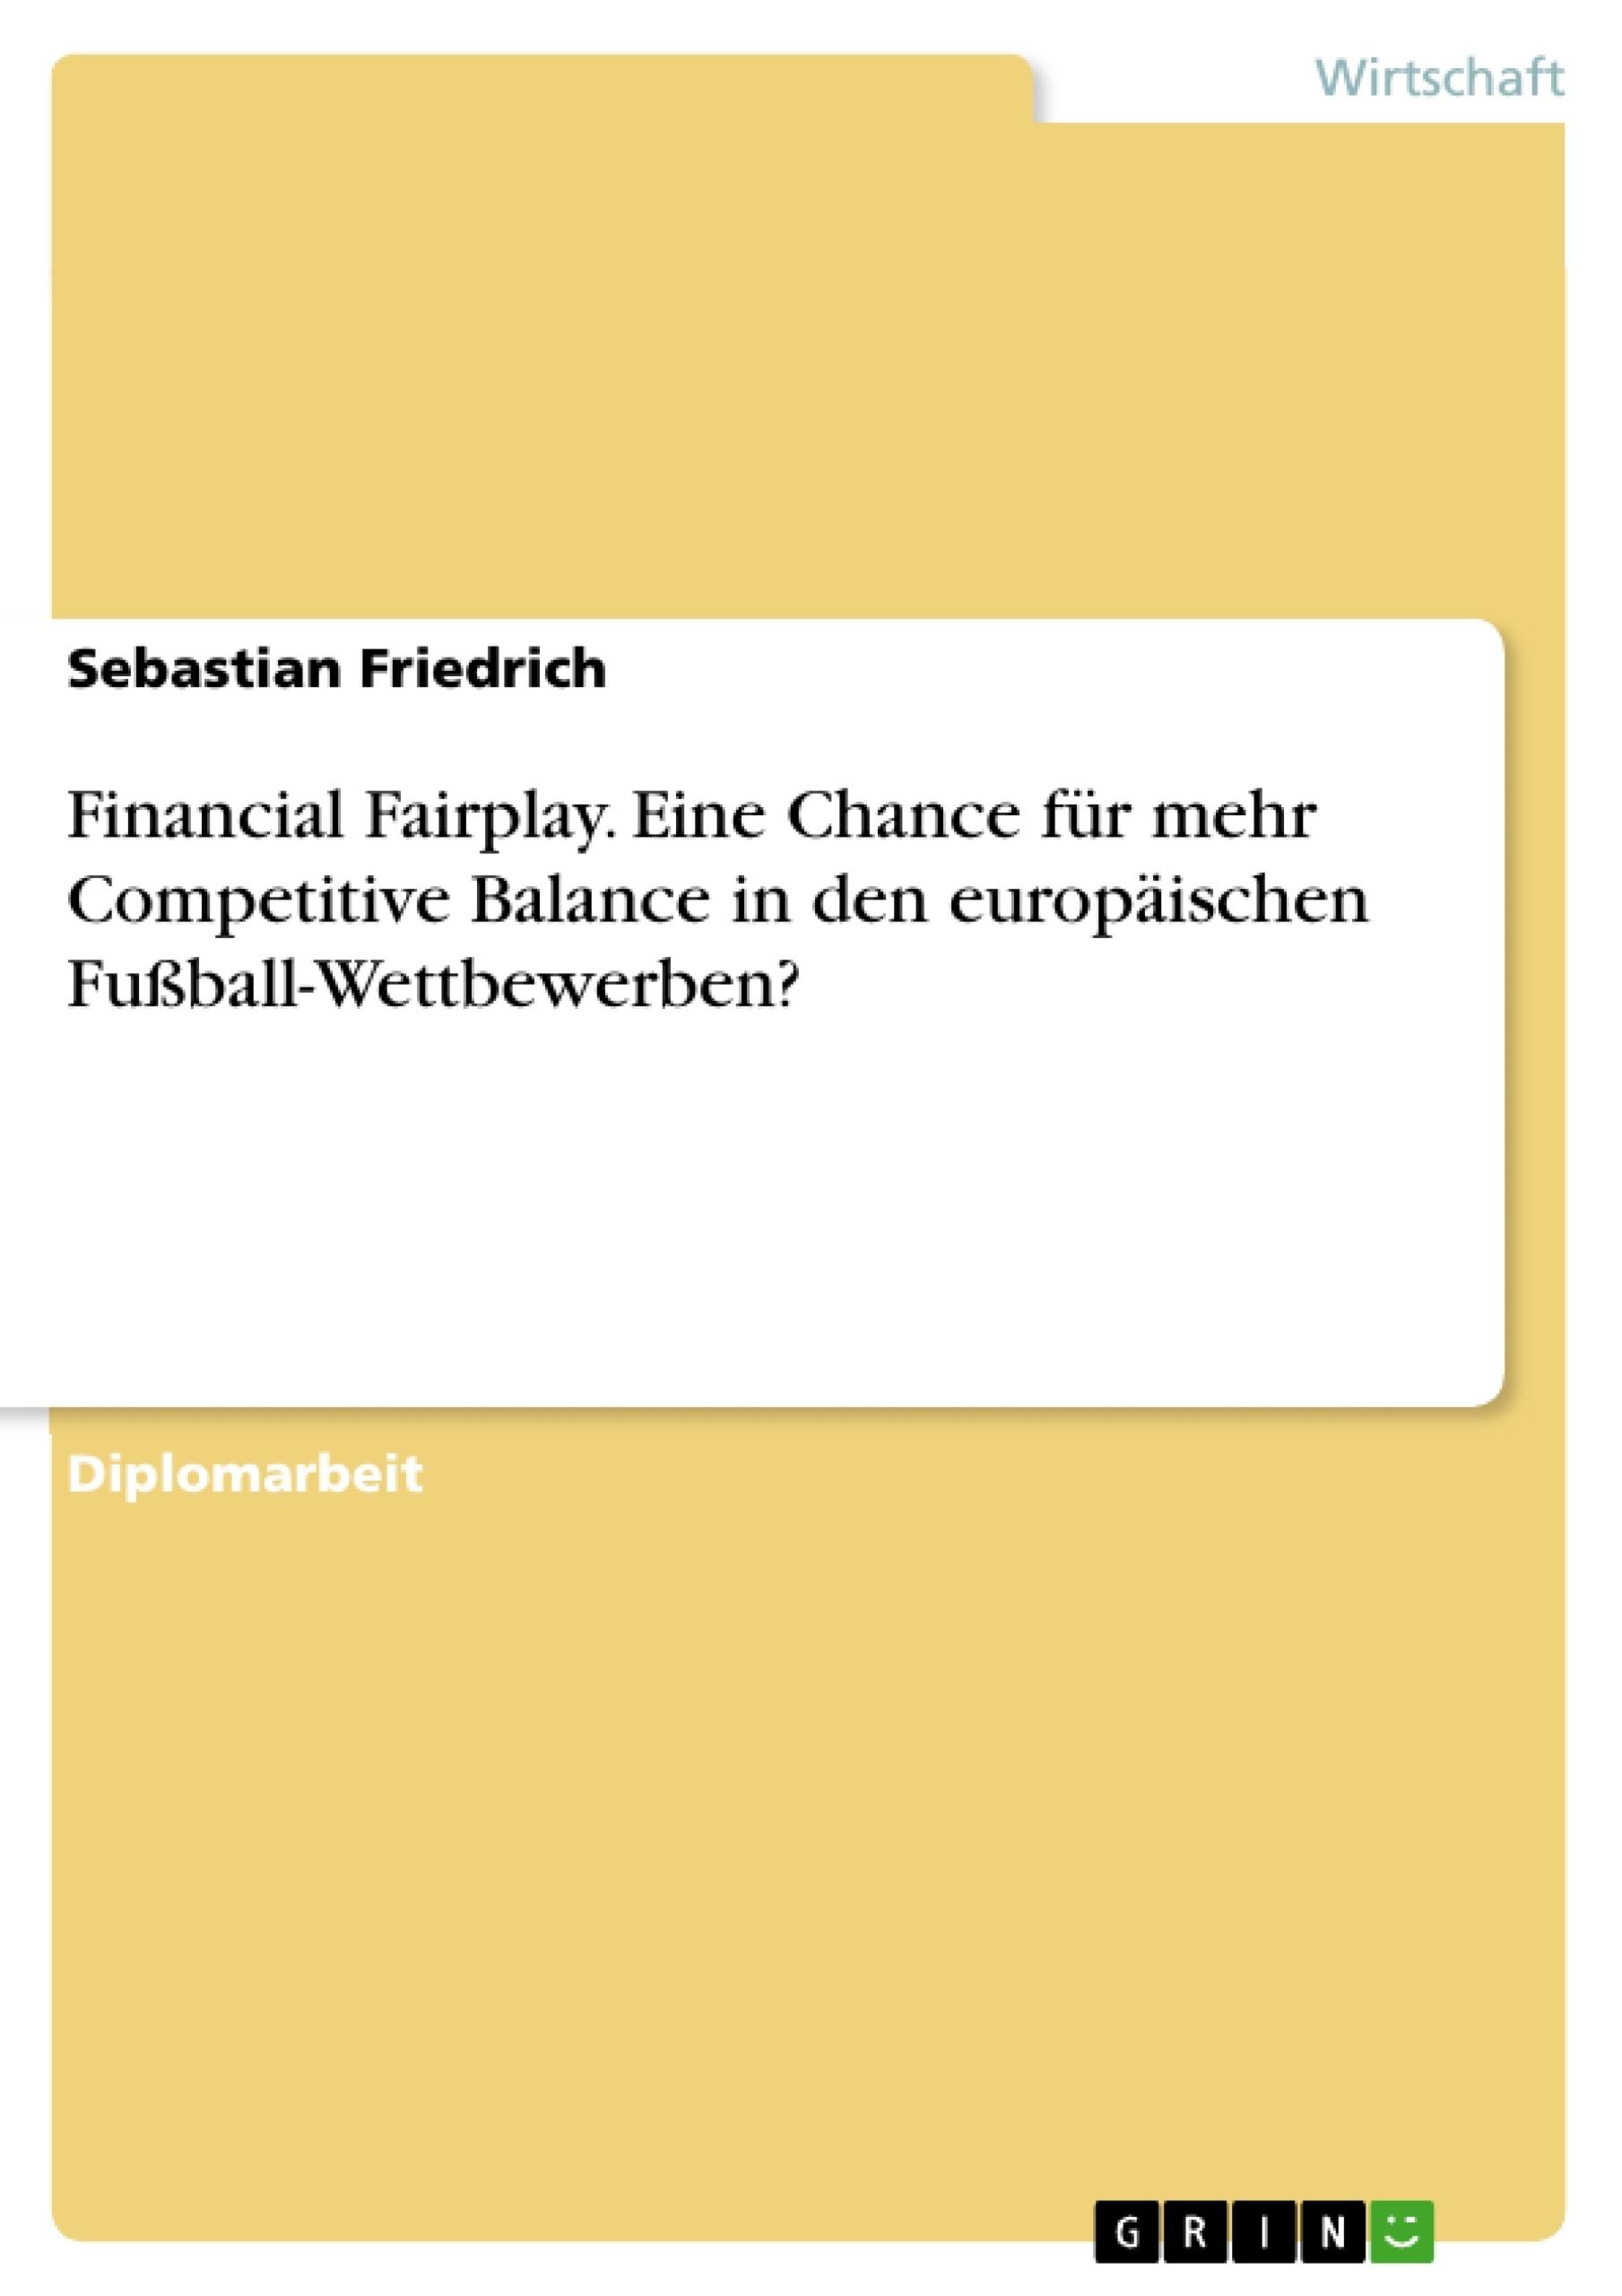 Titel: Financial Fairplay. Eine Chance für mehr Competitive Balance in den europäischen Fußball-Wettbewerben?